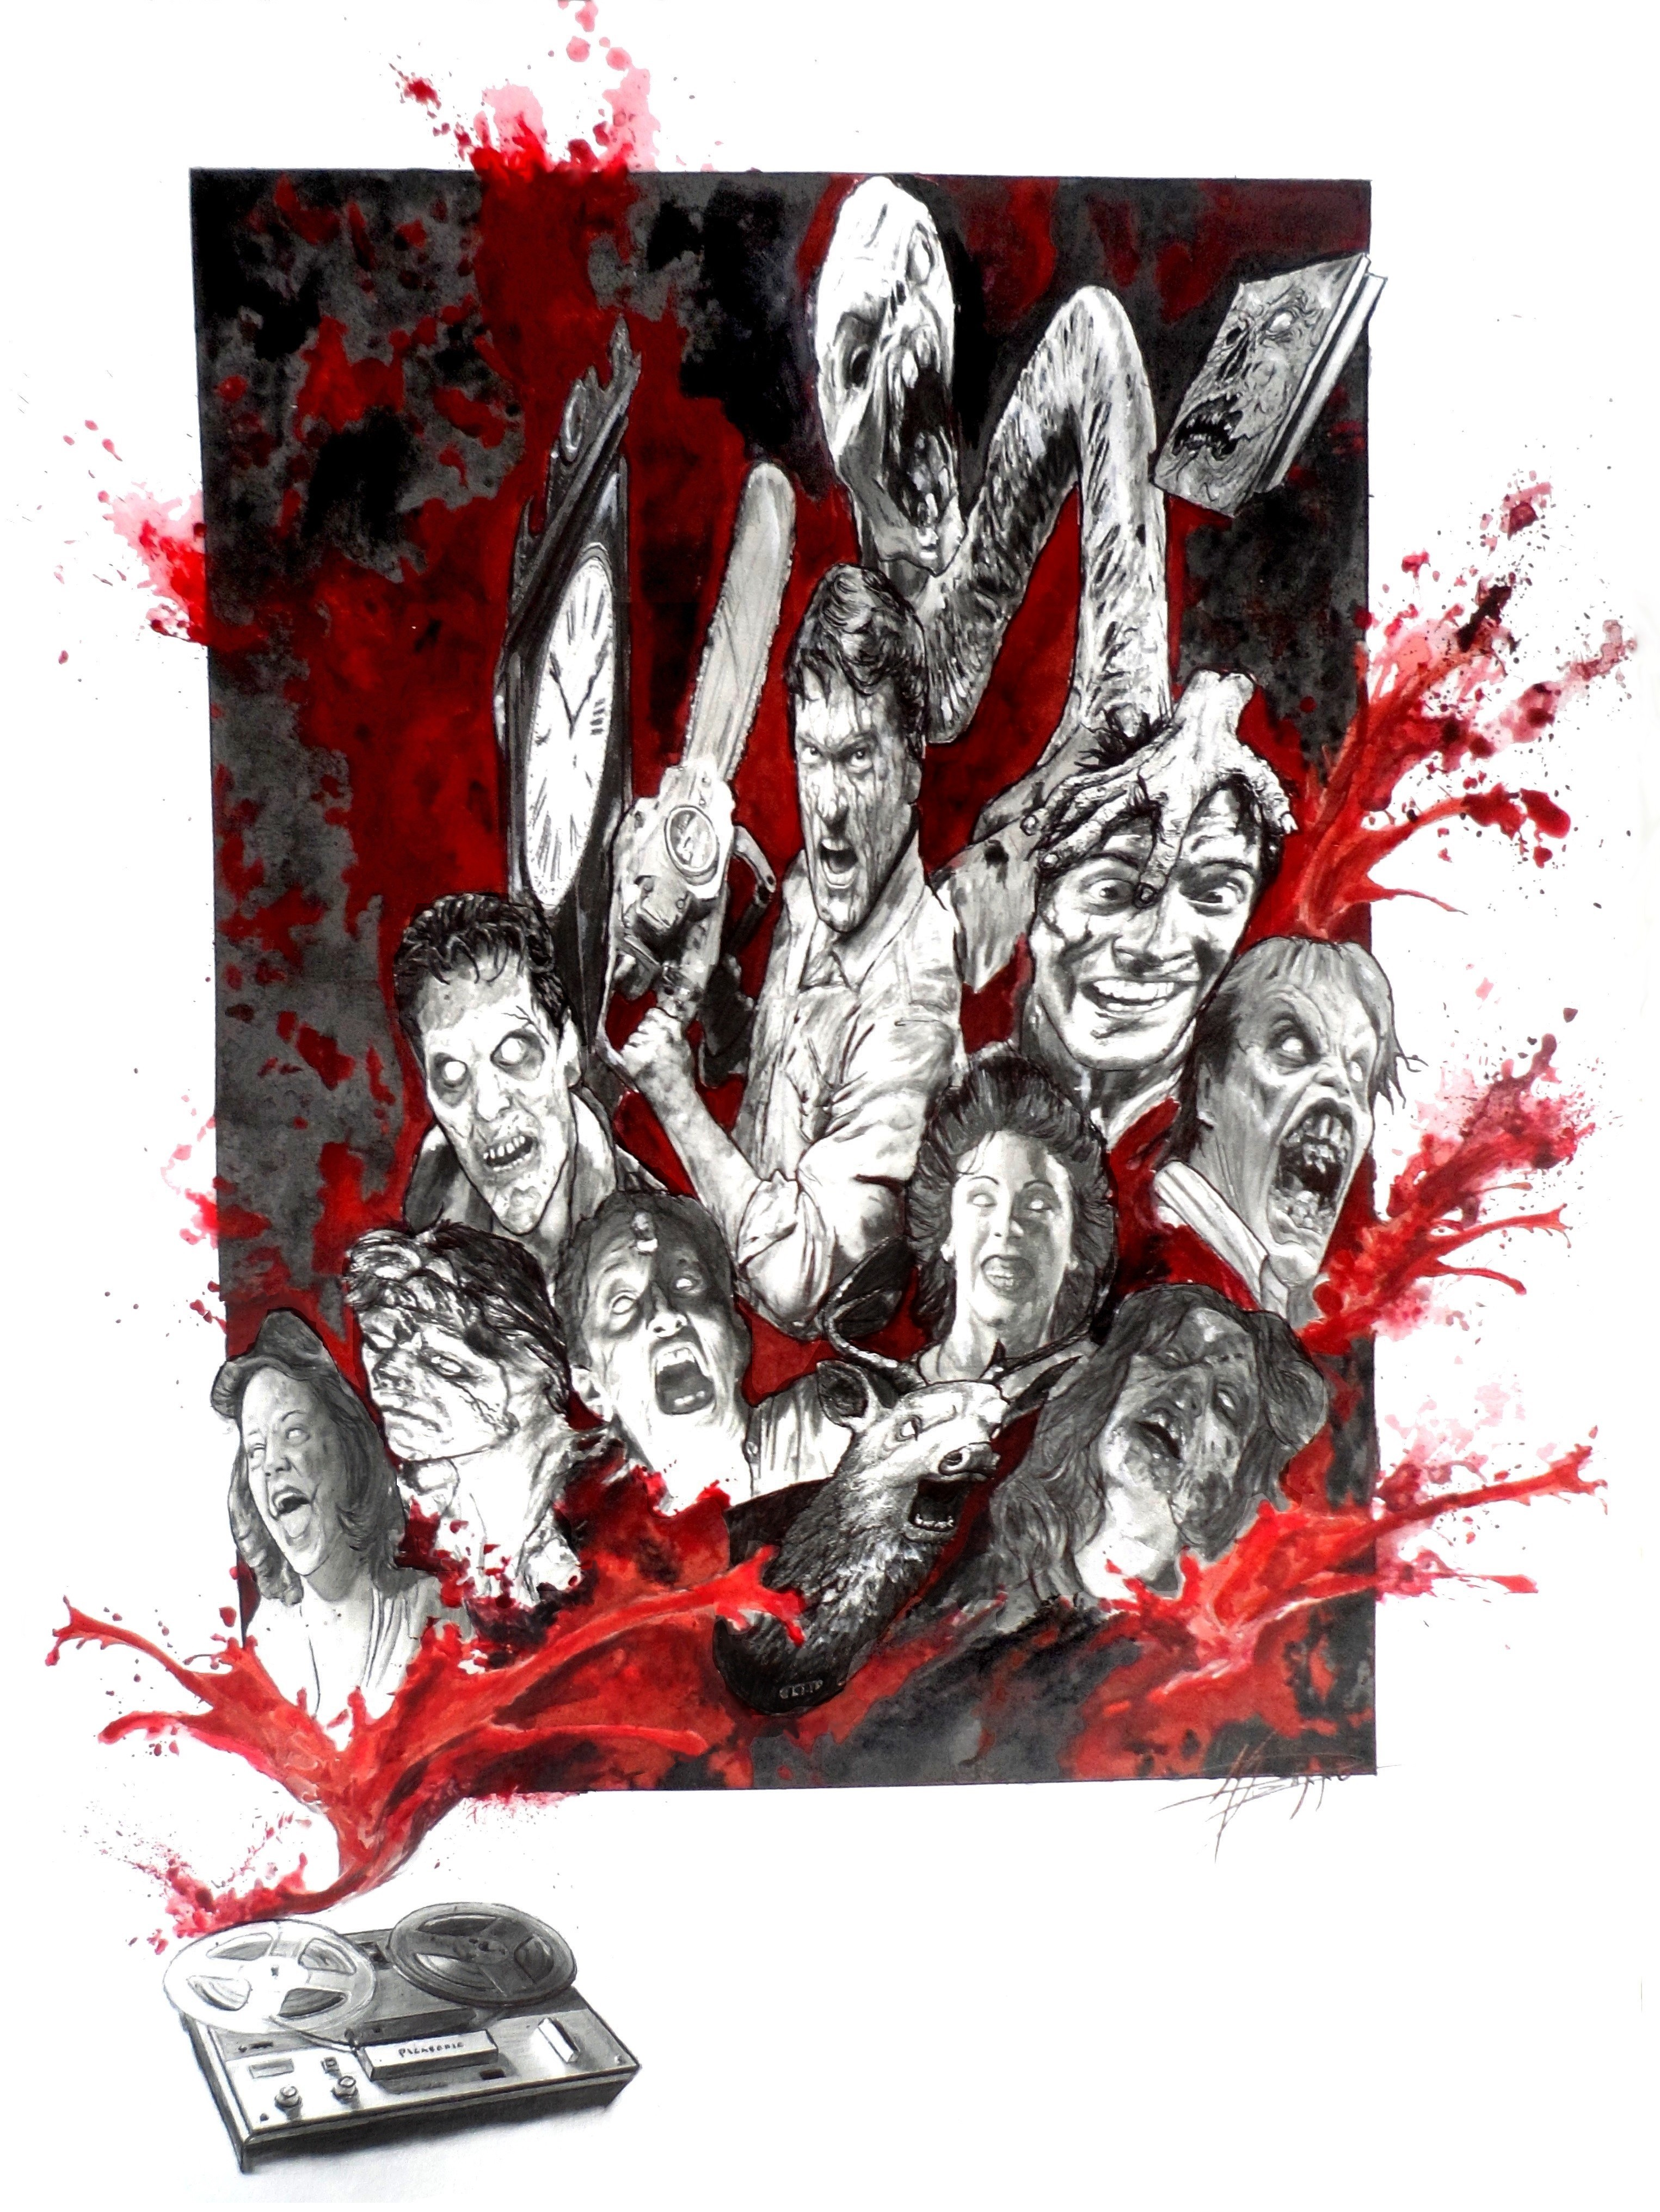 The Evil Dead. Por María Pizarro. Esta ilustración La ilustración se centra en las dos primeras películas y es mi particular forma de rendir homenaje a una saga que guste más o guste menos, no deja indiferente a nadie.